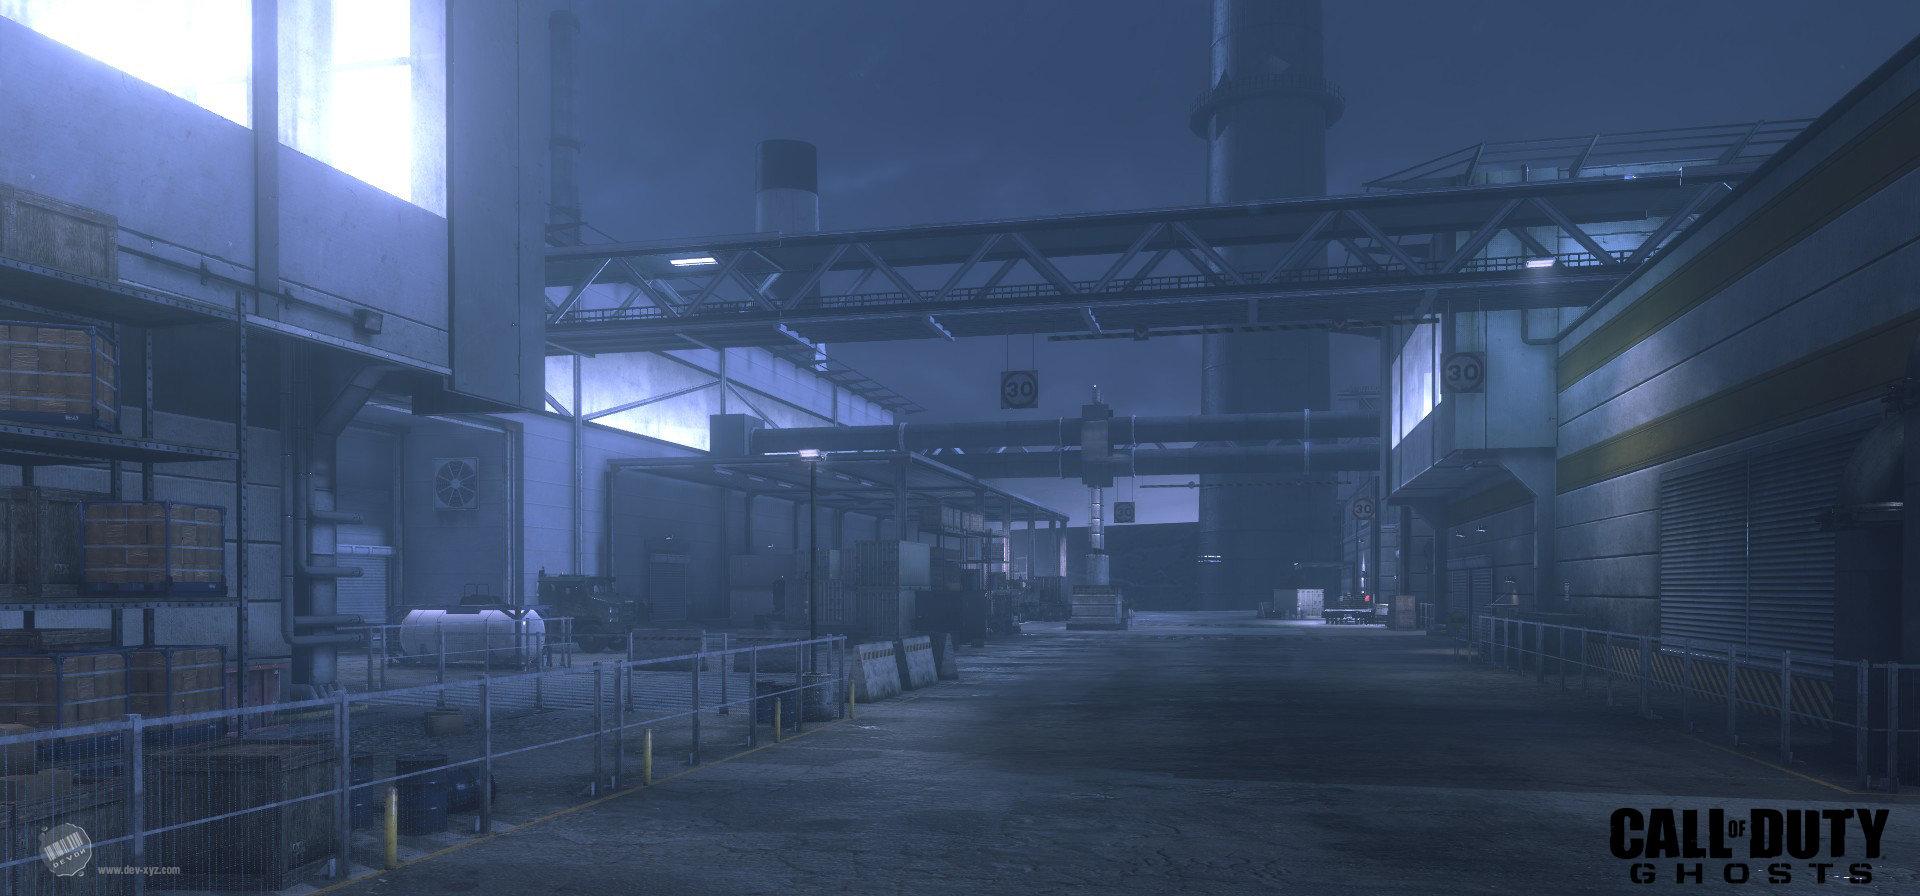 Devon fay cod ghosts factory 04